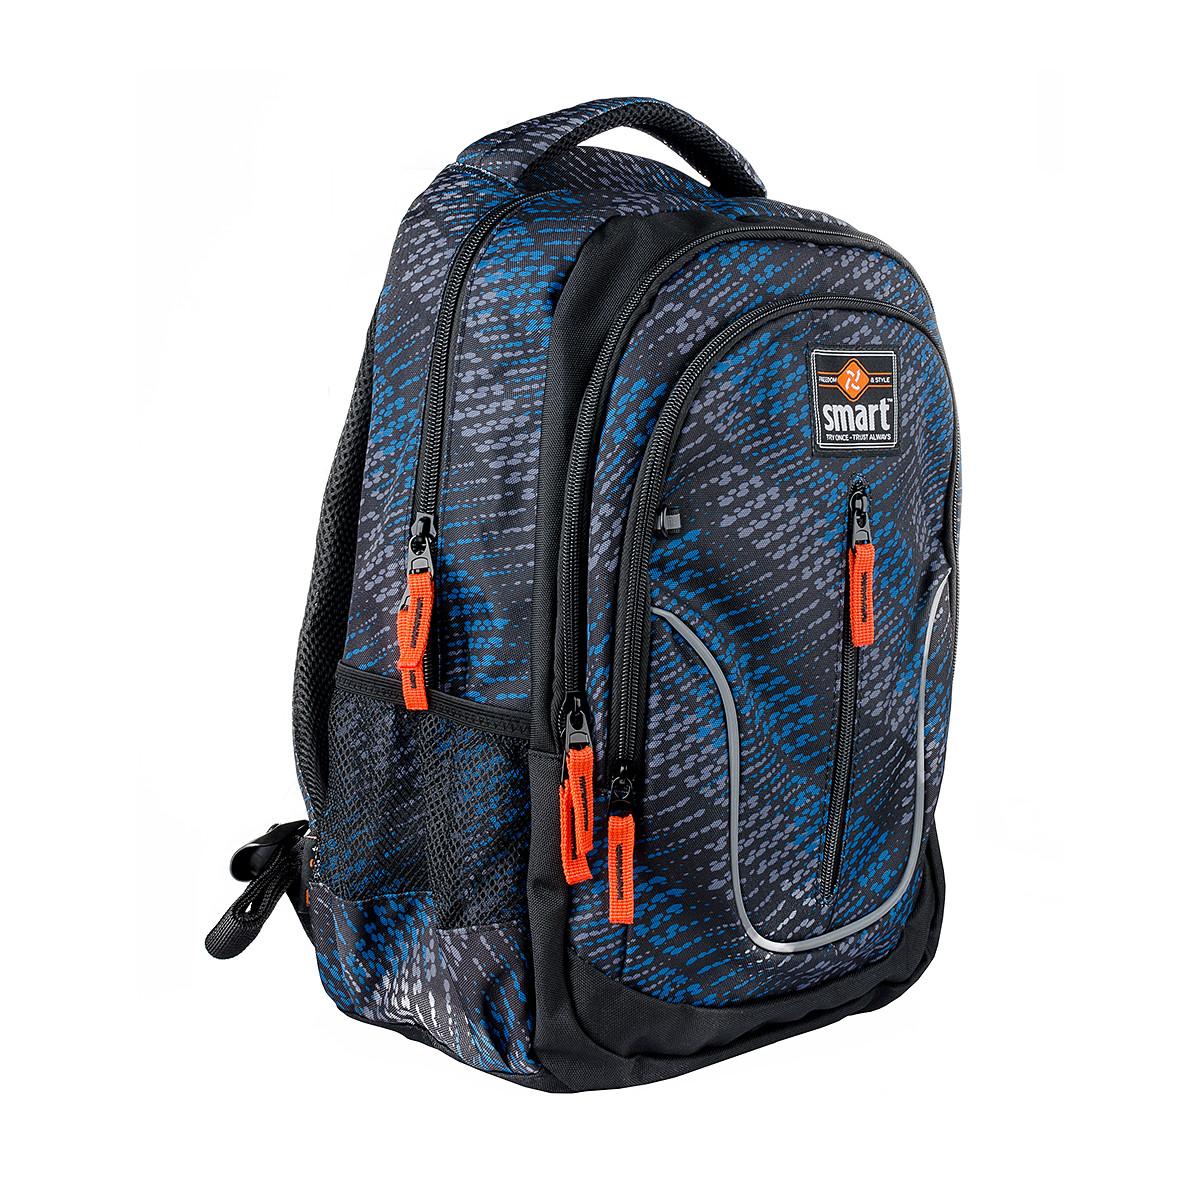 Рюкзак школьный Smart TN-07 Global черн/син код:558632